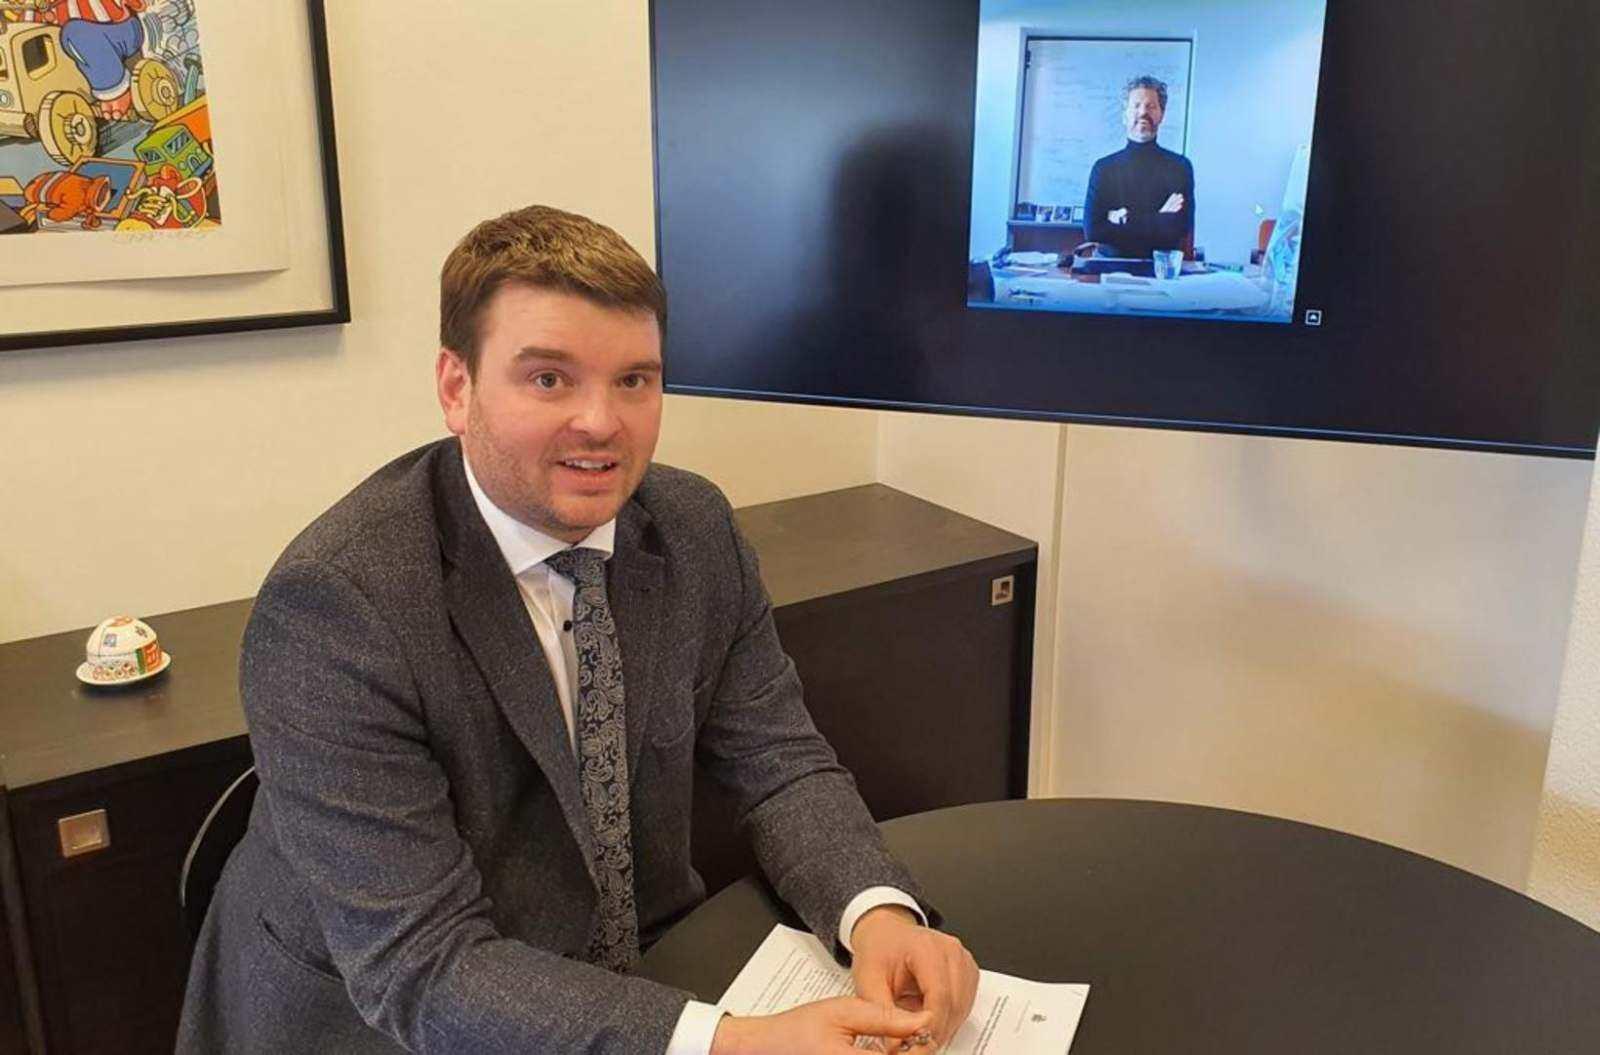 Министр социальных вопросов и Мэр Рейкьявика удаленно подписывают Соглашение о сотрудничестве. Фото с сайта mbl.is